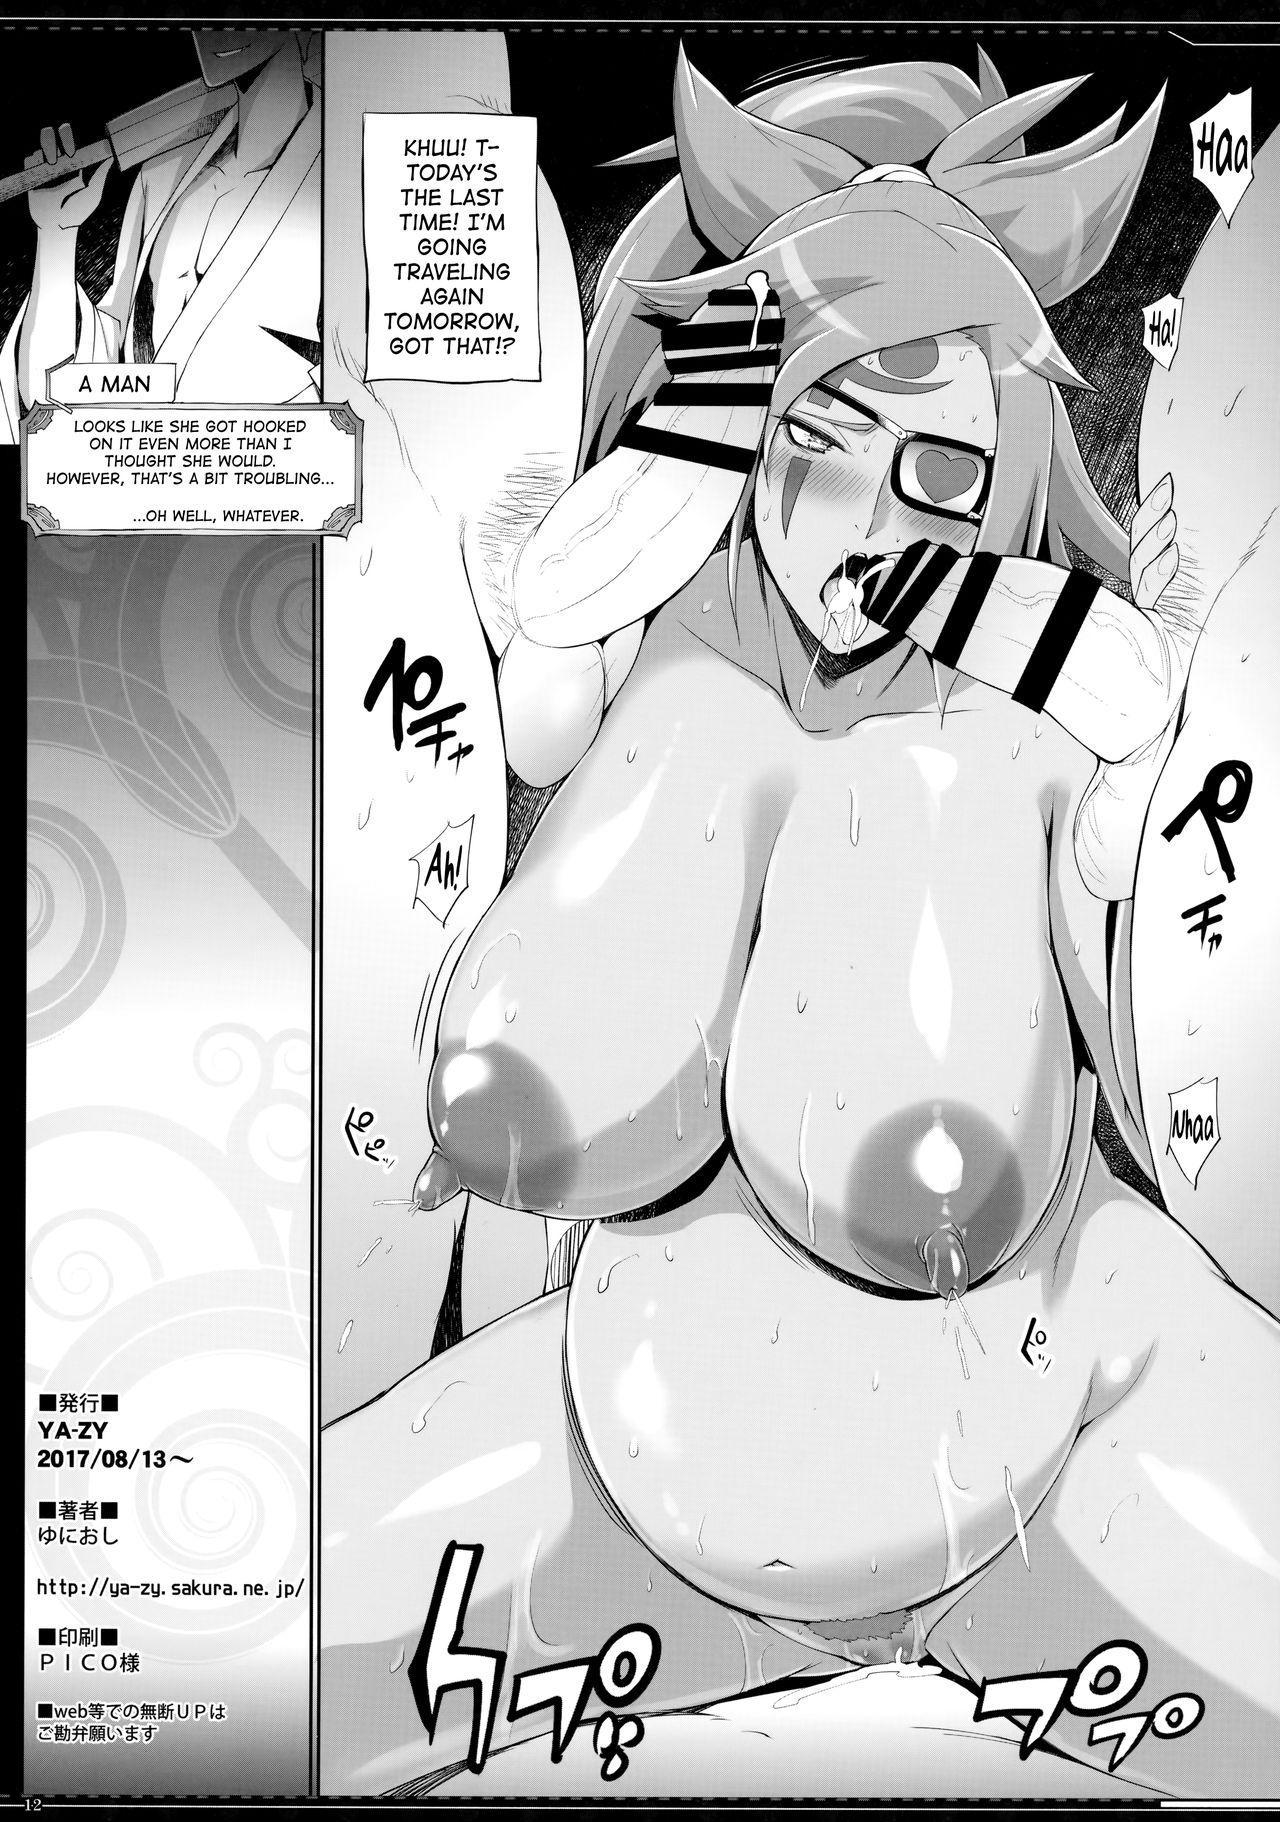 (C92) [YA-ZY (Yunioshi)] Baiken-san no Tatami Otoshi | Baiken-san's Tatami Drop  (Guilty Gear) [English] {biribiri} 11